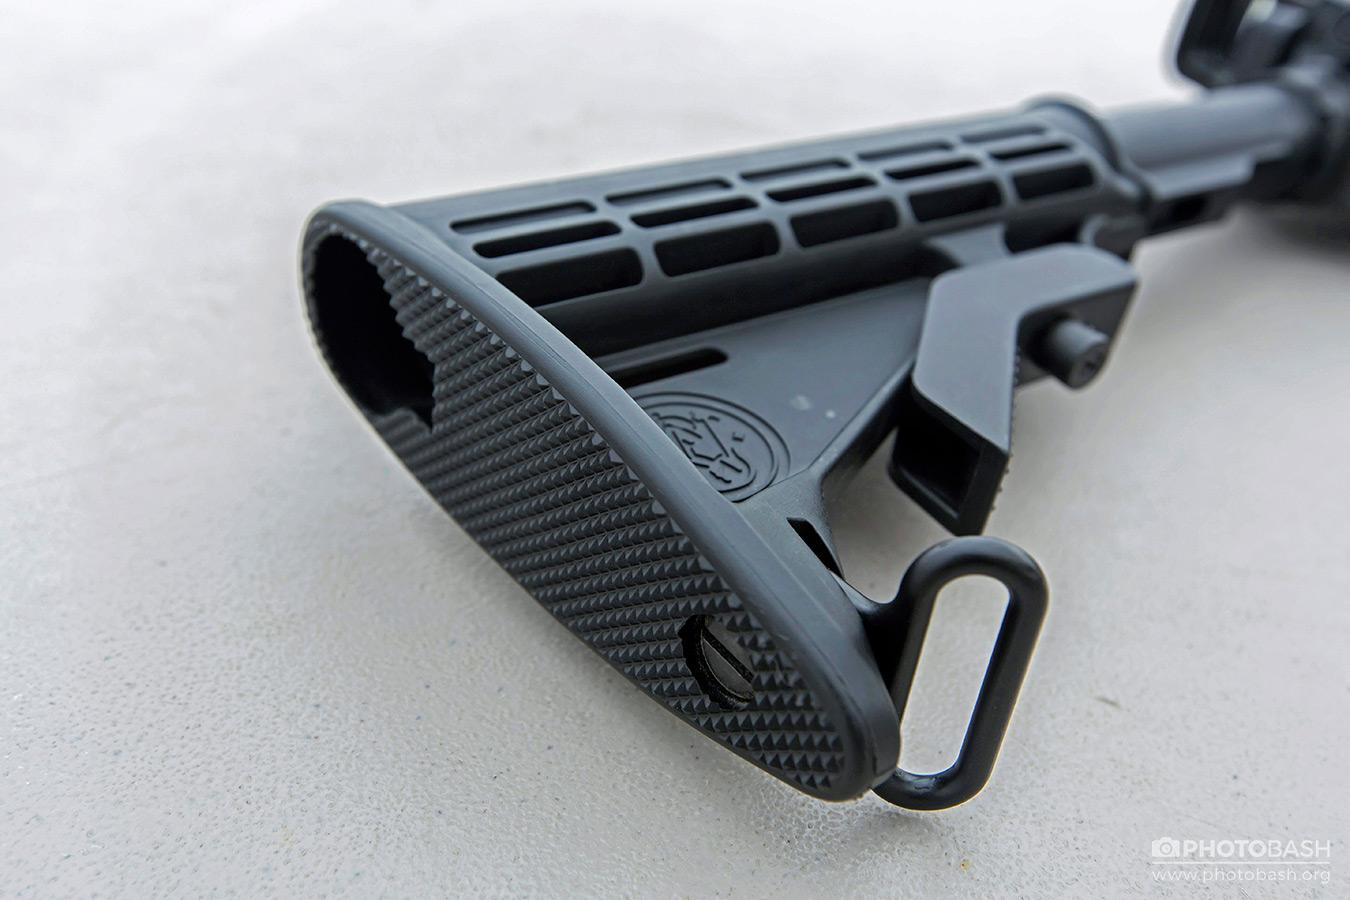 Bullets-Firearms-Assault-Rifle-M4A1.jpg